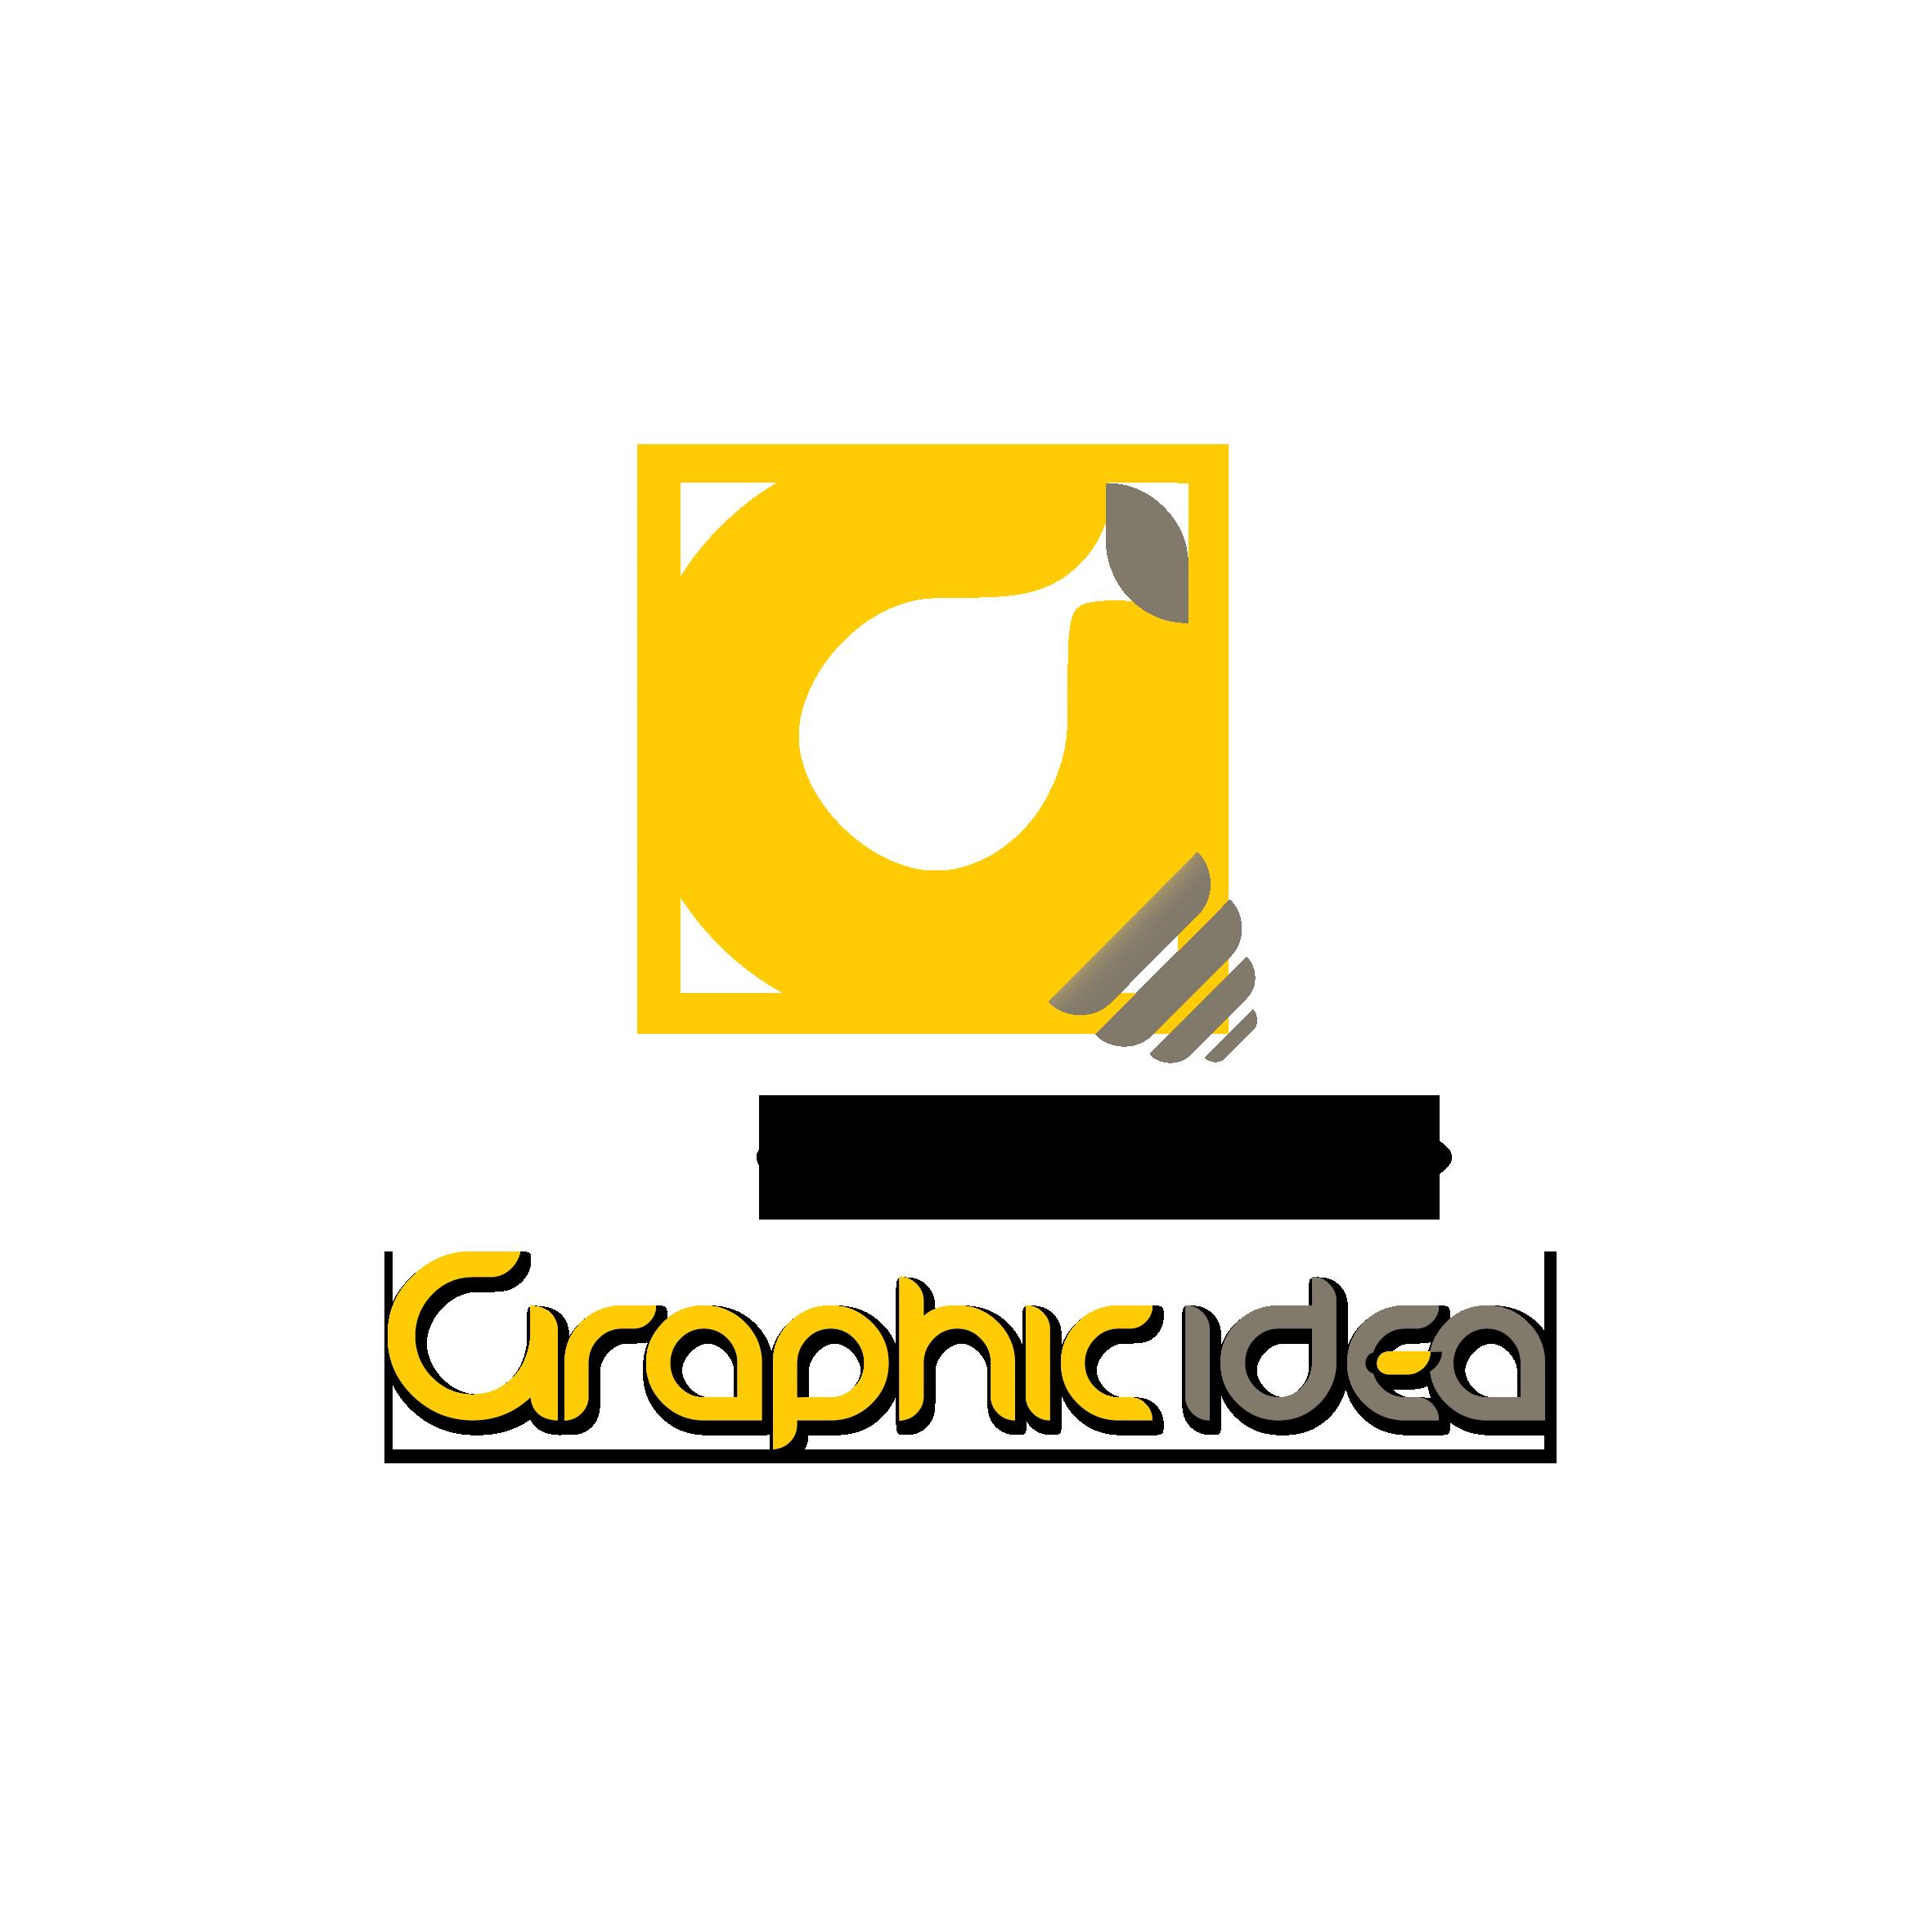 Graphic idea